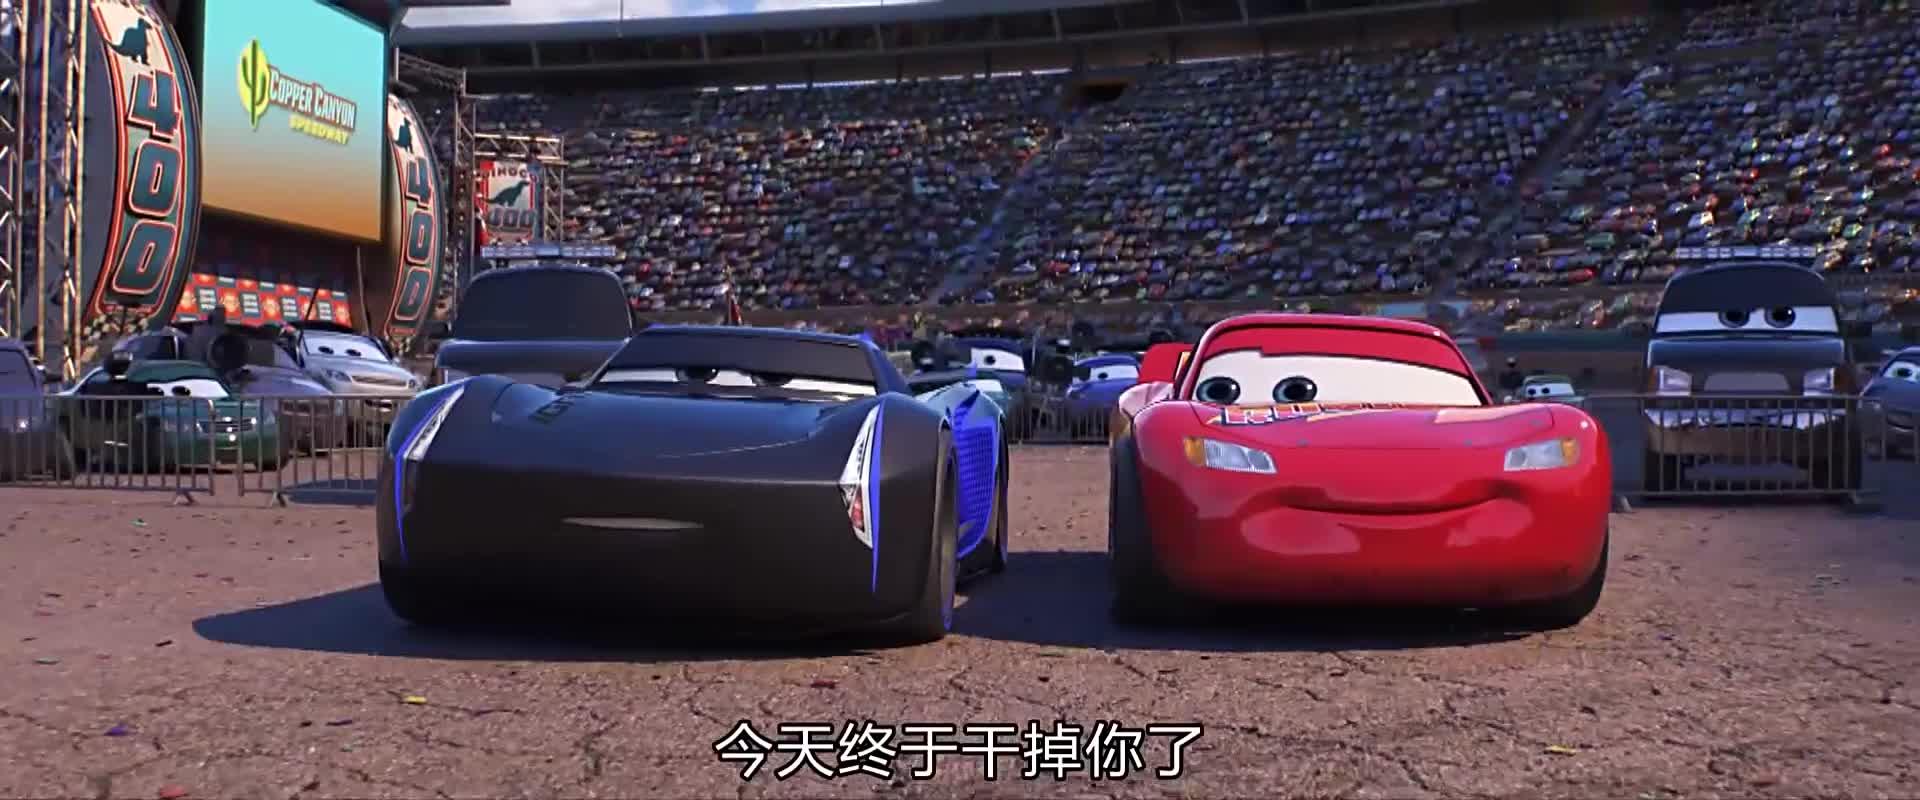 冠军黑车被大家标营,而且节目上还说,新赛车肯定比老赛车厉害